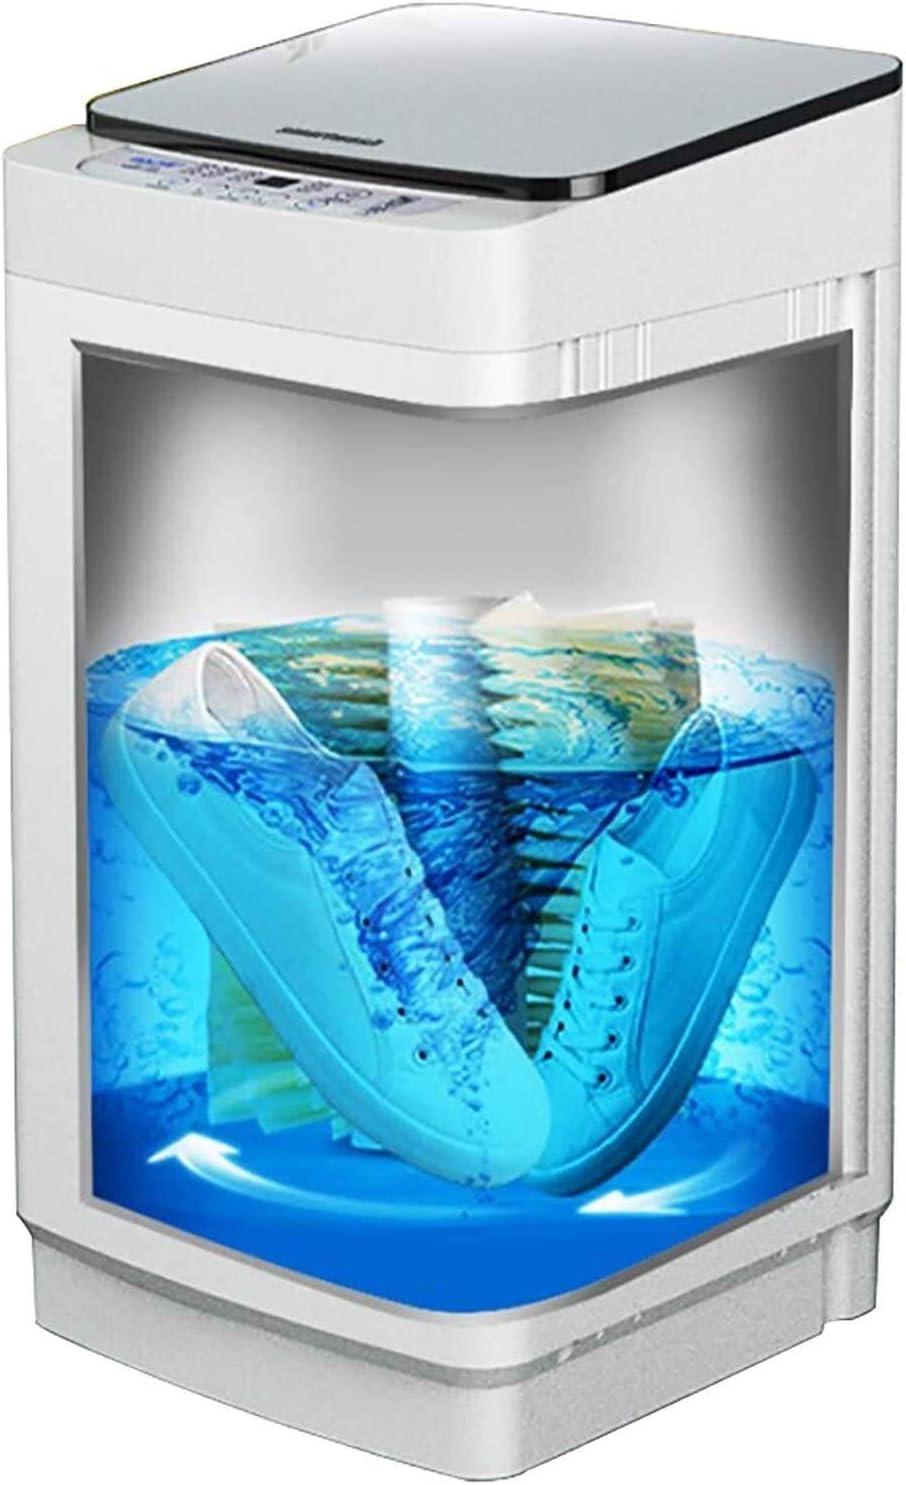 Lavadora De Zapatos Portátiles, Zapato Automático Inteligente para El Hogar Clean3-5 Pares De Zapatos Capacidad De Lavado, para Hogar Dormitorio En Casa Caravanas